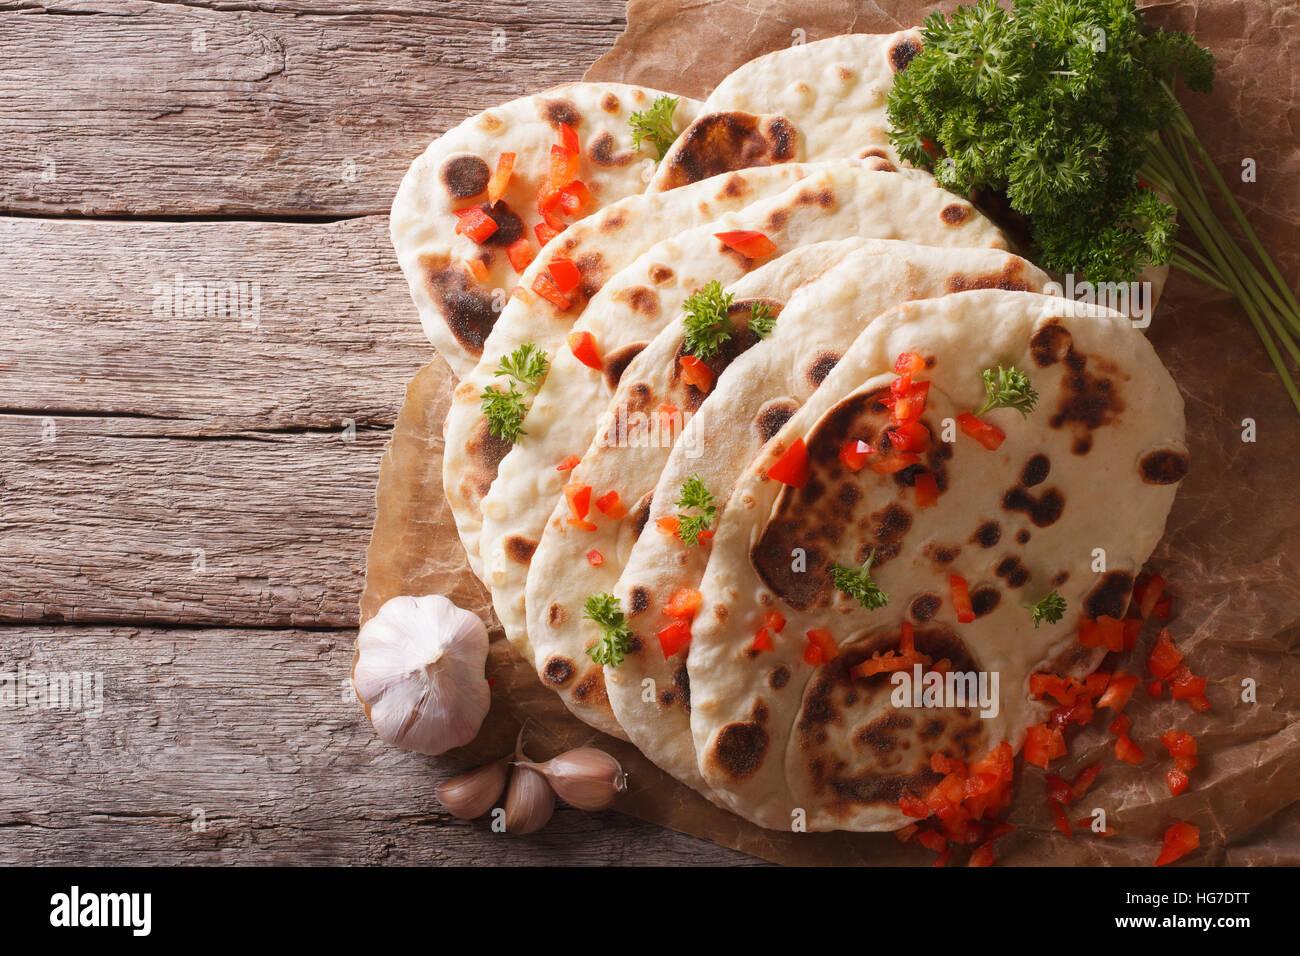 Naan indiano pane piatto con aglio ed erbe aromatiche sul tavolo. vista orizzontale dal di sopra Immagini Stock